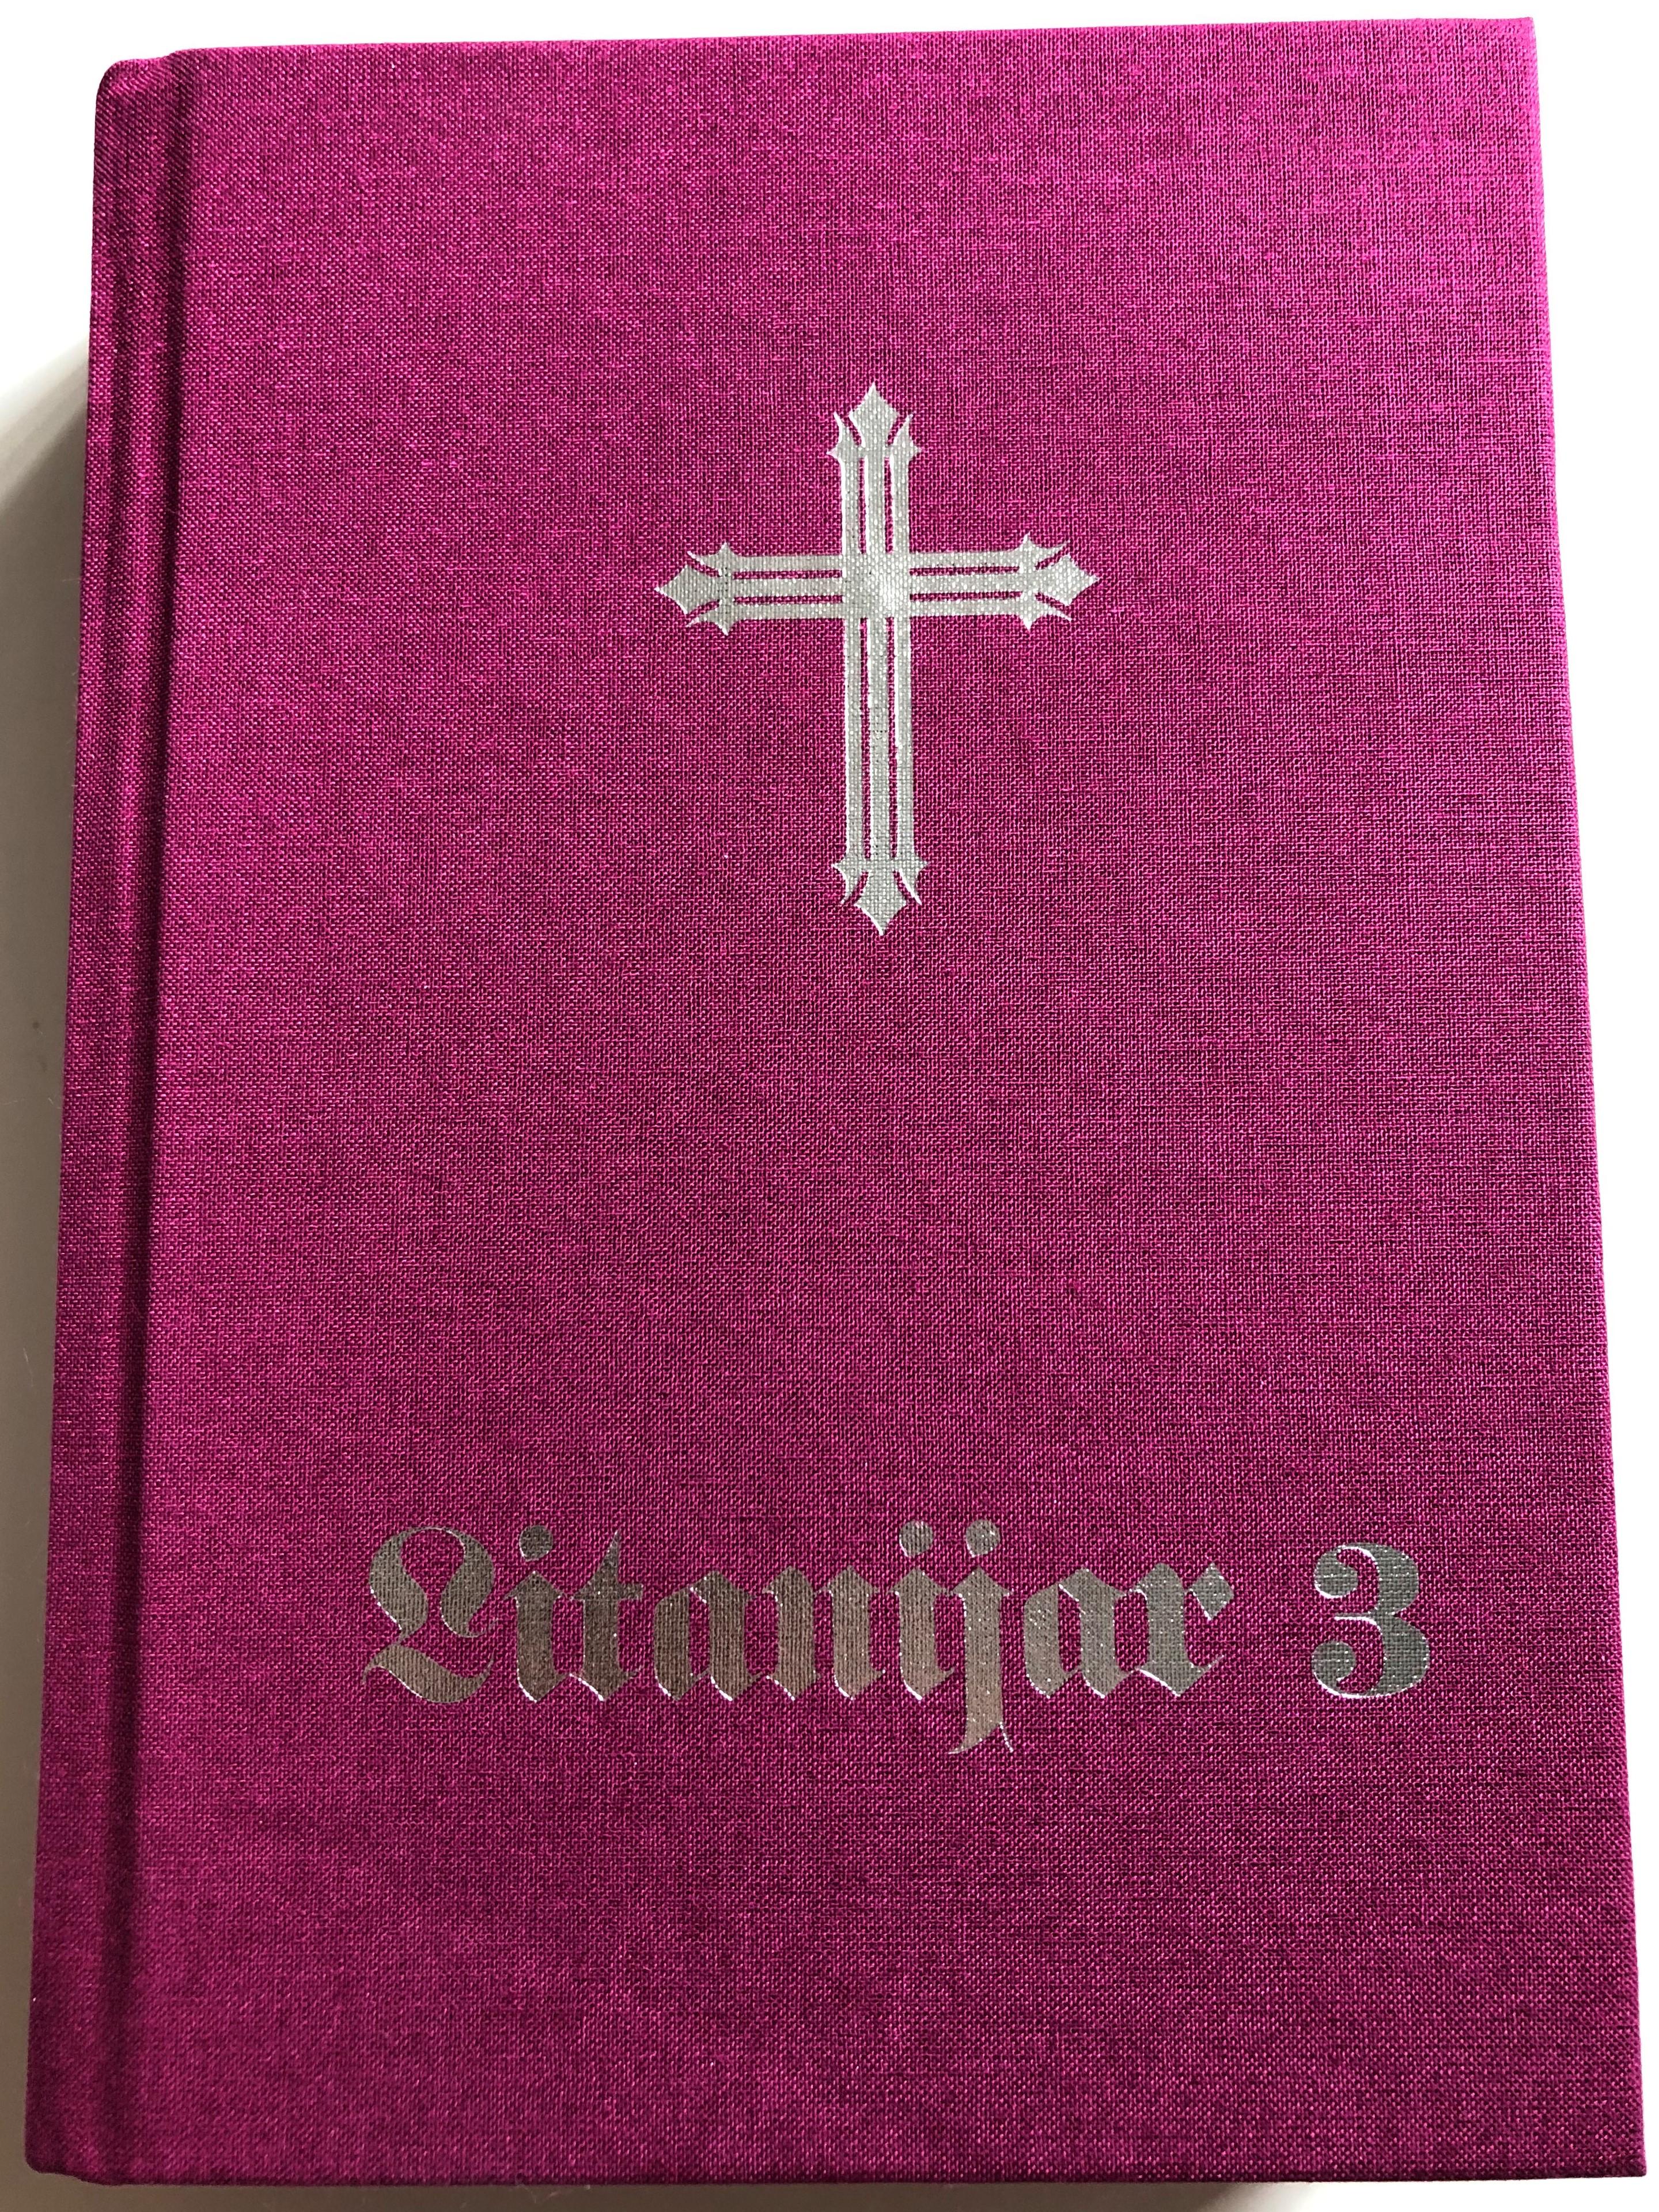 -litanijar-3-tre-e-dopunjeno-izdanje-croatian-language-catholic-litany-book-1.jpg